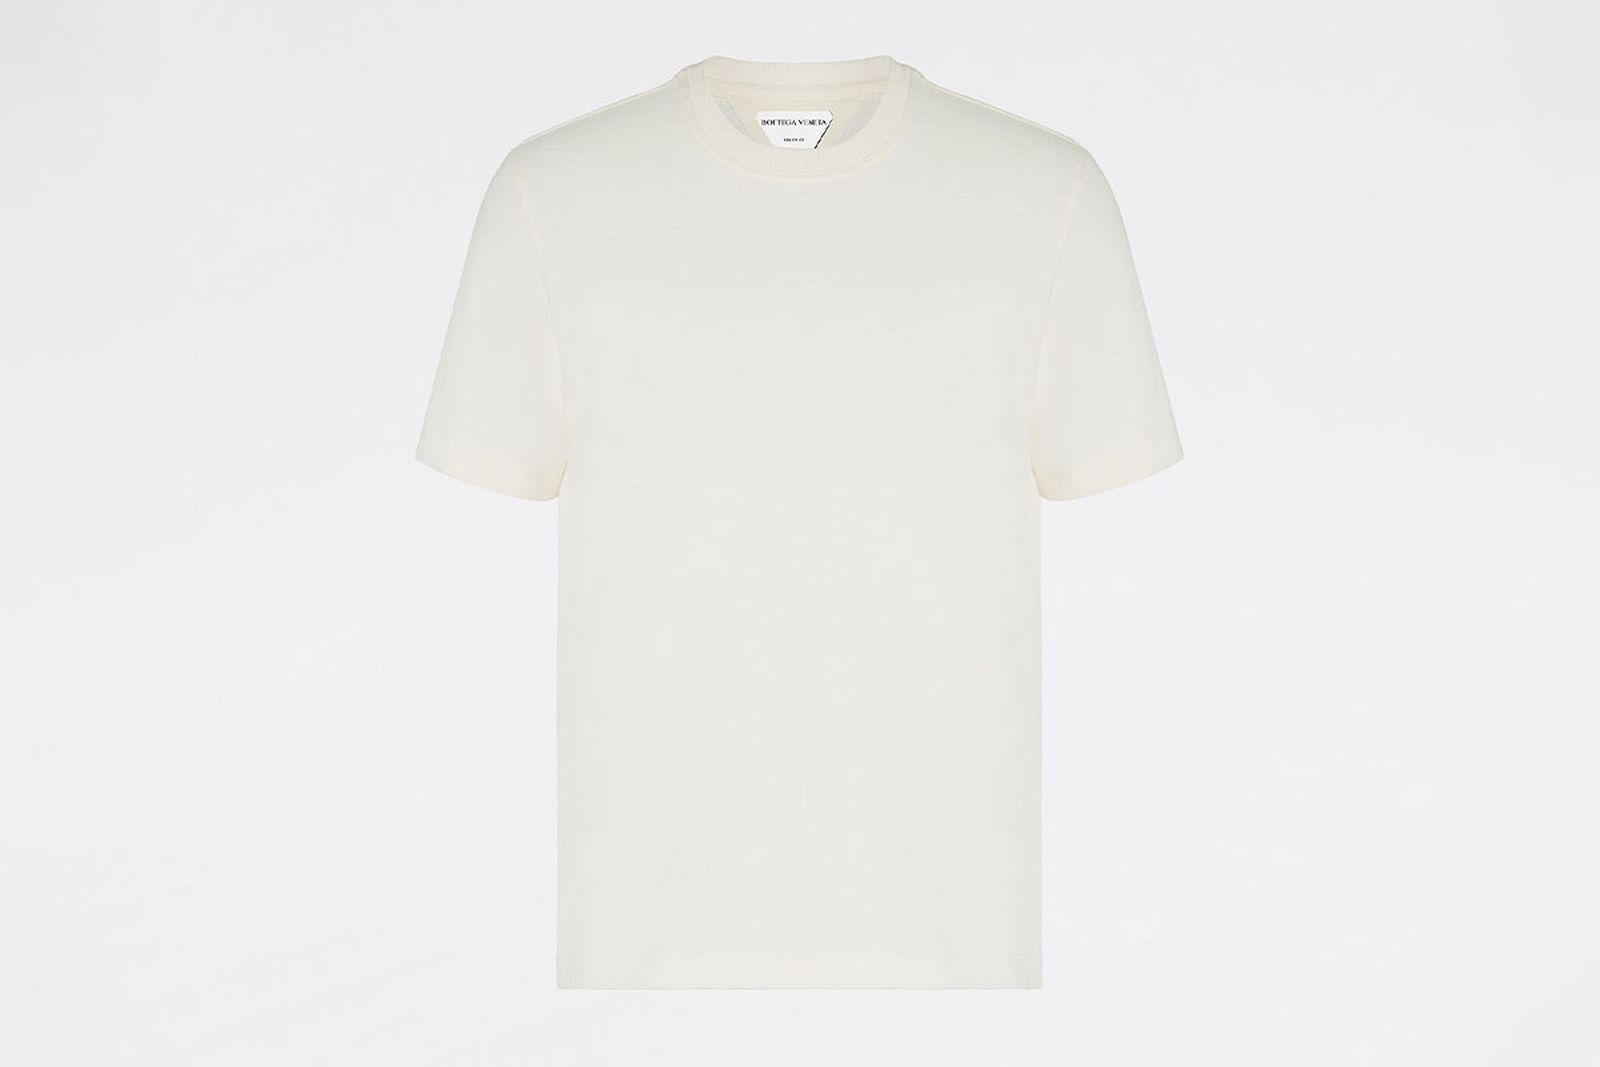 bottega-veneta-plain-t-shirt-04